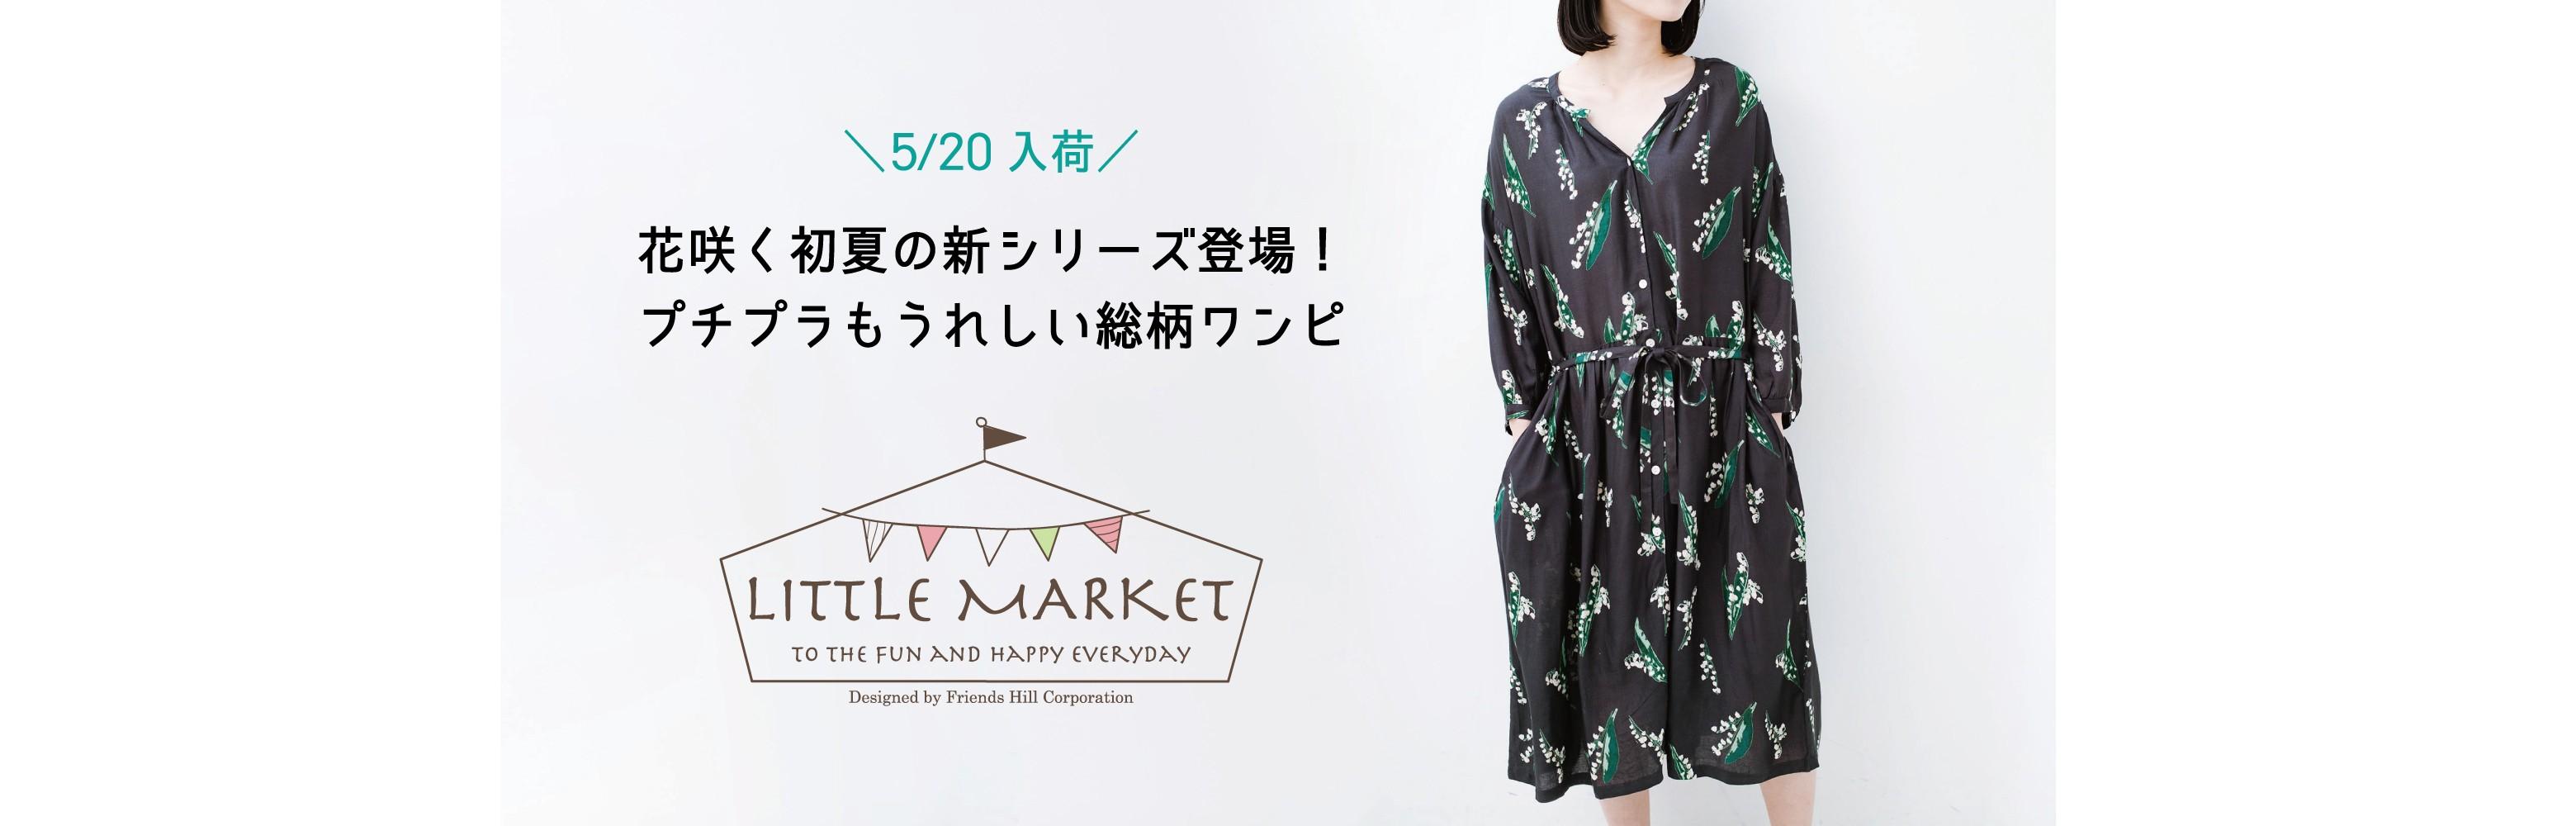 \5/20UP/LITTLE MARKET(リトルマーケット)入荷!